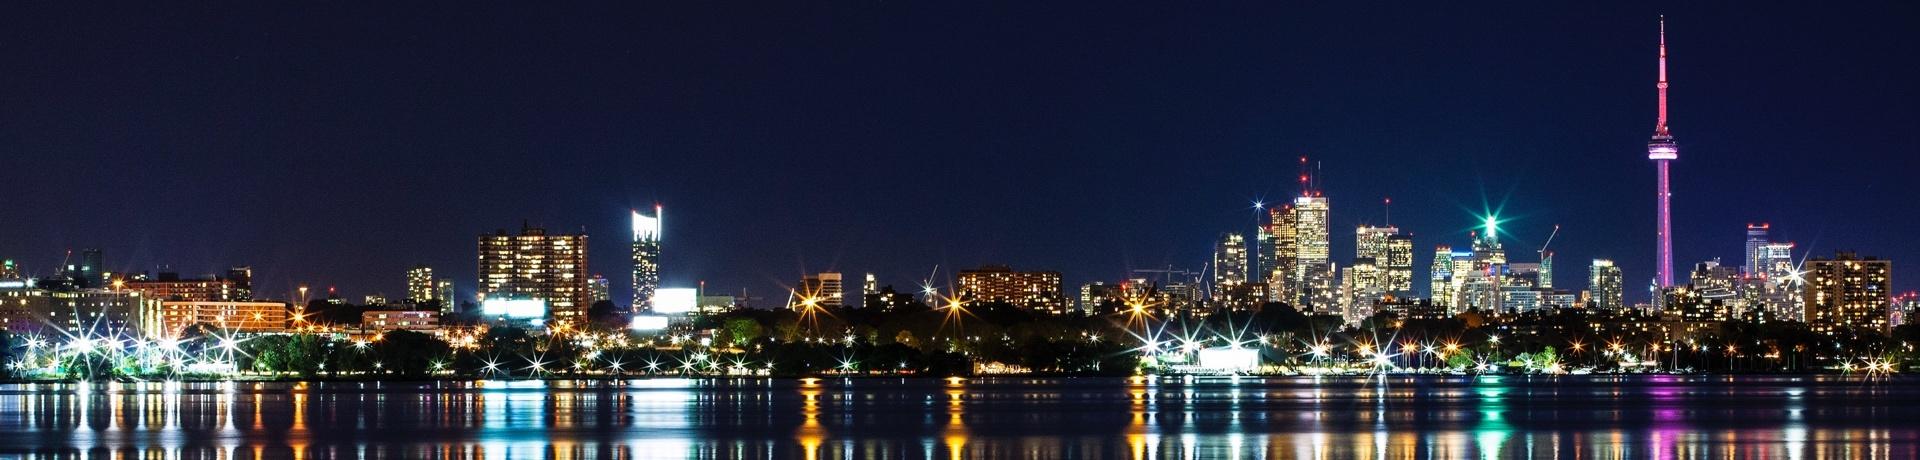 Exbound Toronto night sky 1920x460.jpg